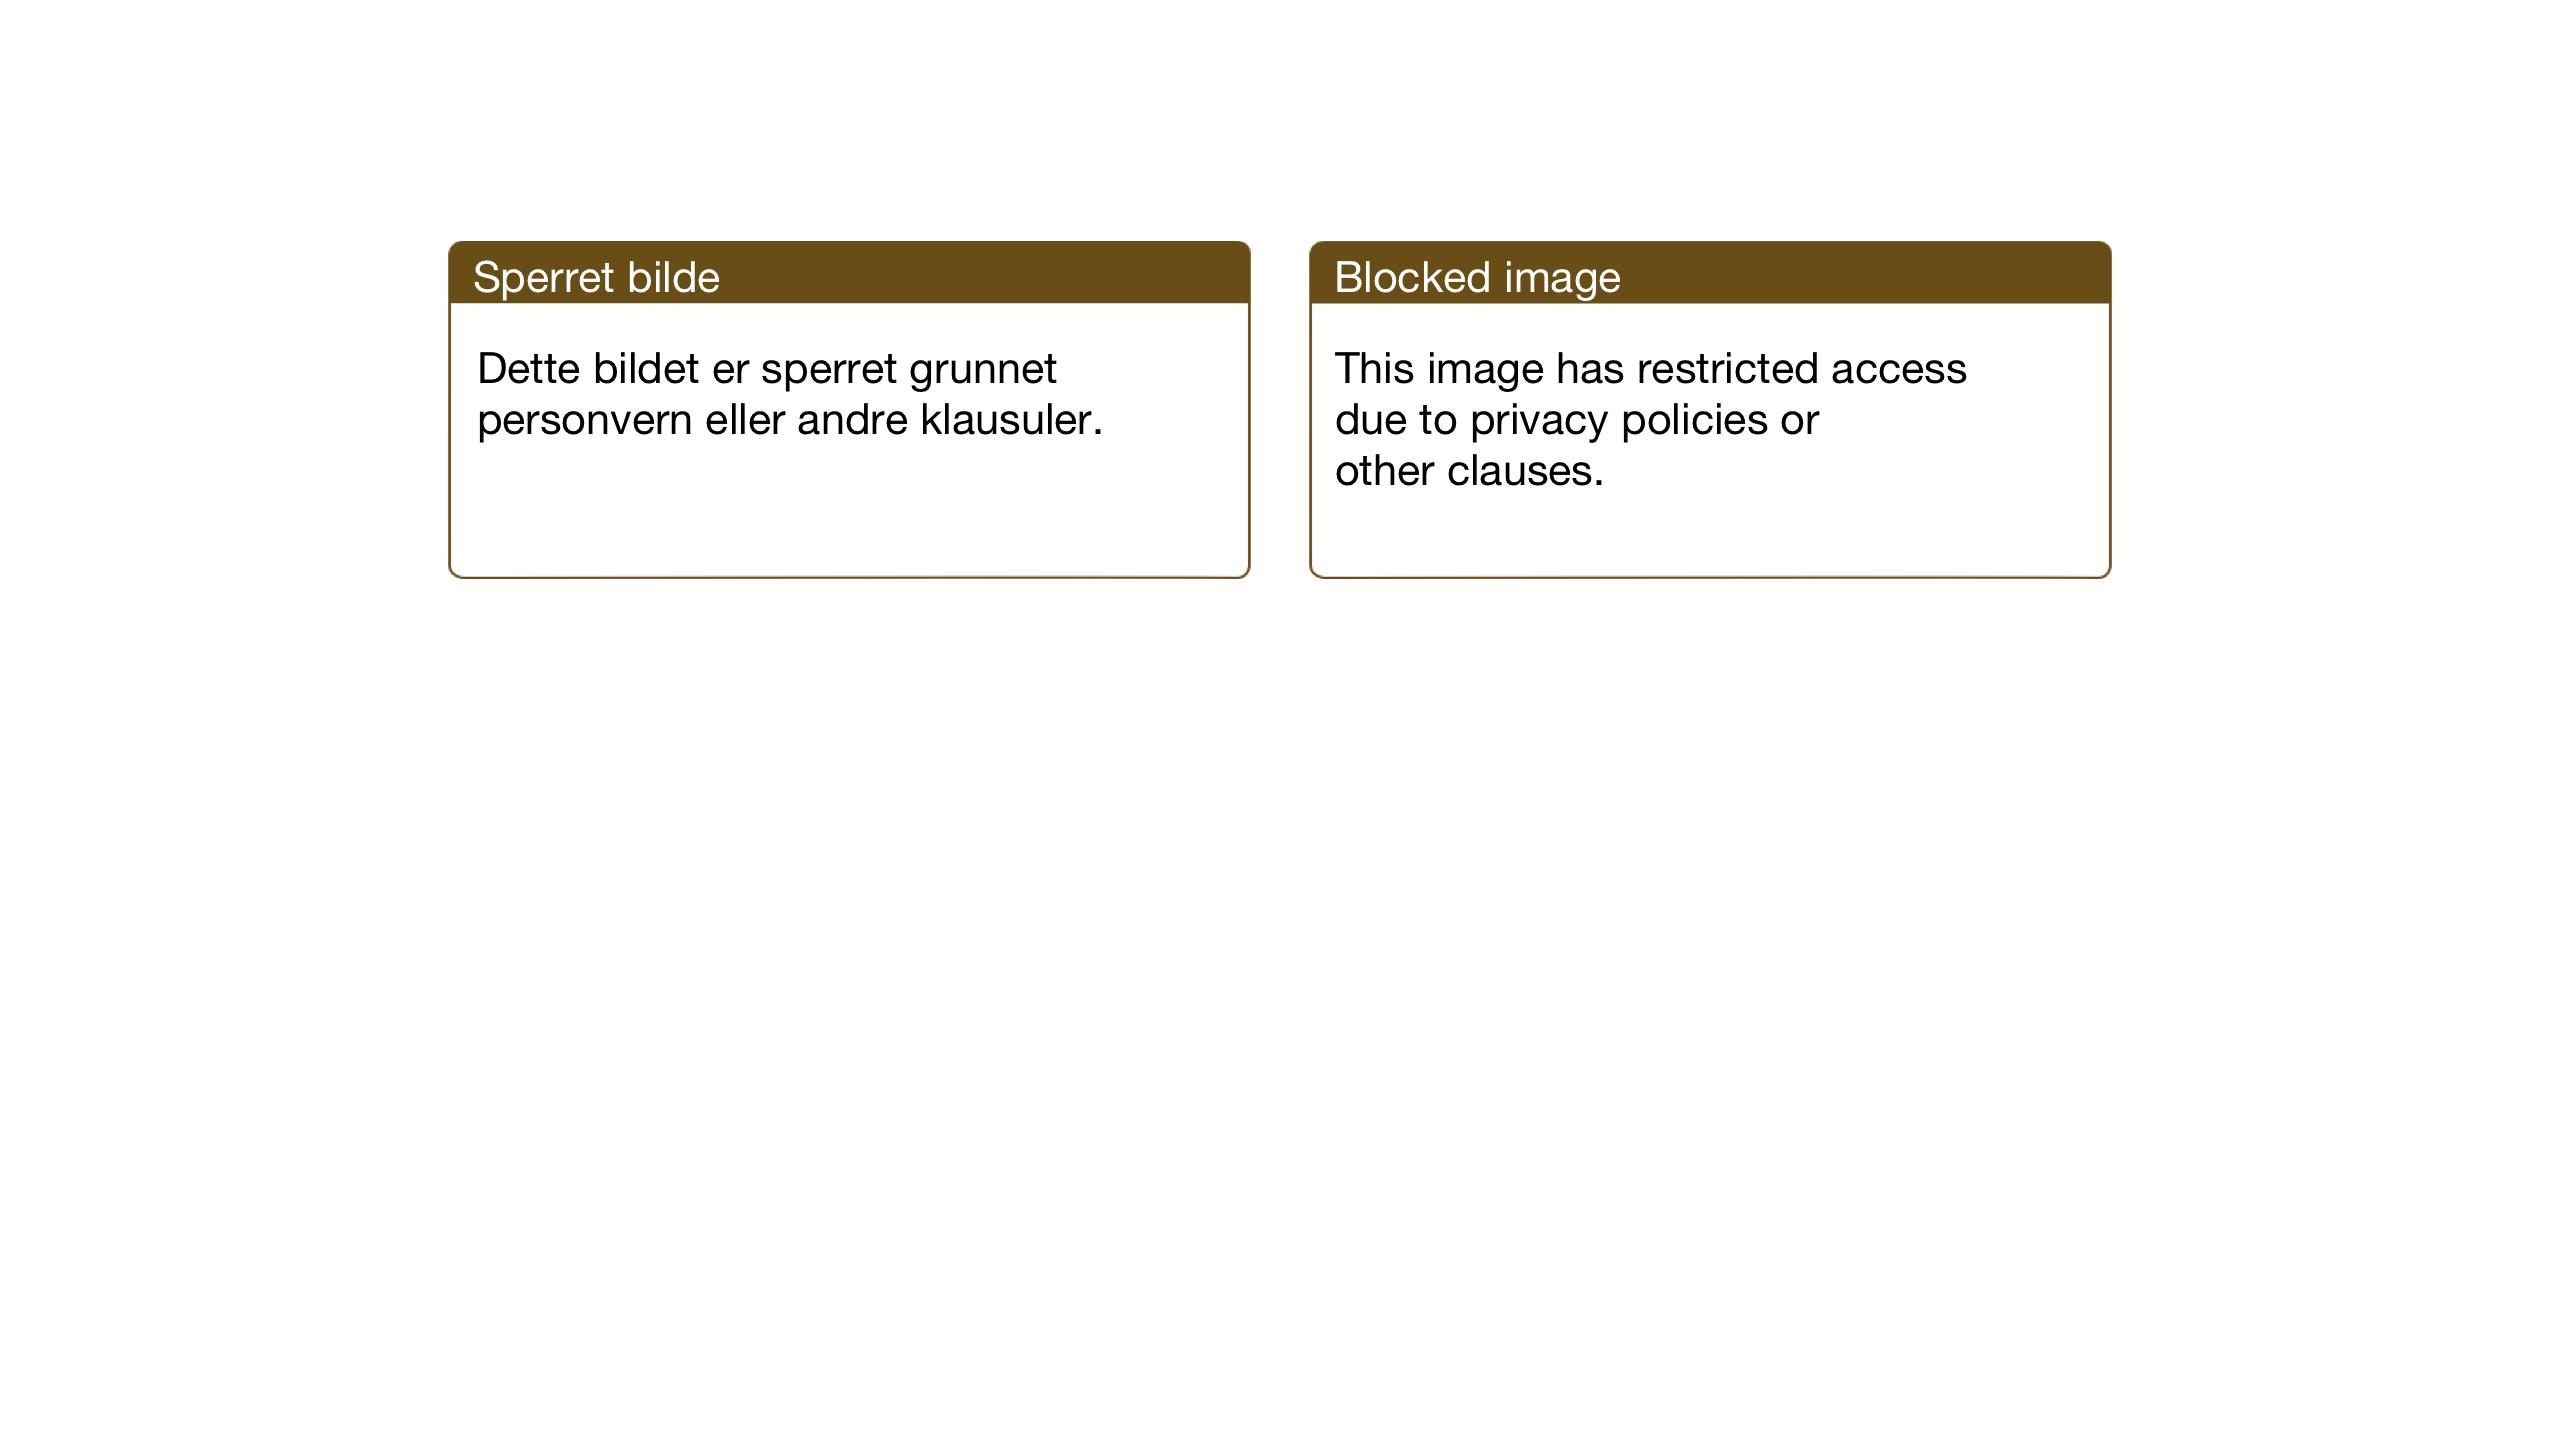 SAT, Ministerialprotokoller, klokkerbøker og fødselsregistre - Nord-Trøndelag, 709/L0088: Klokkerbok nr. 709C02, 1914-1934, s. 93